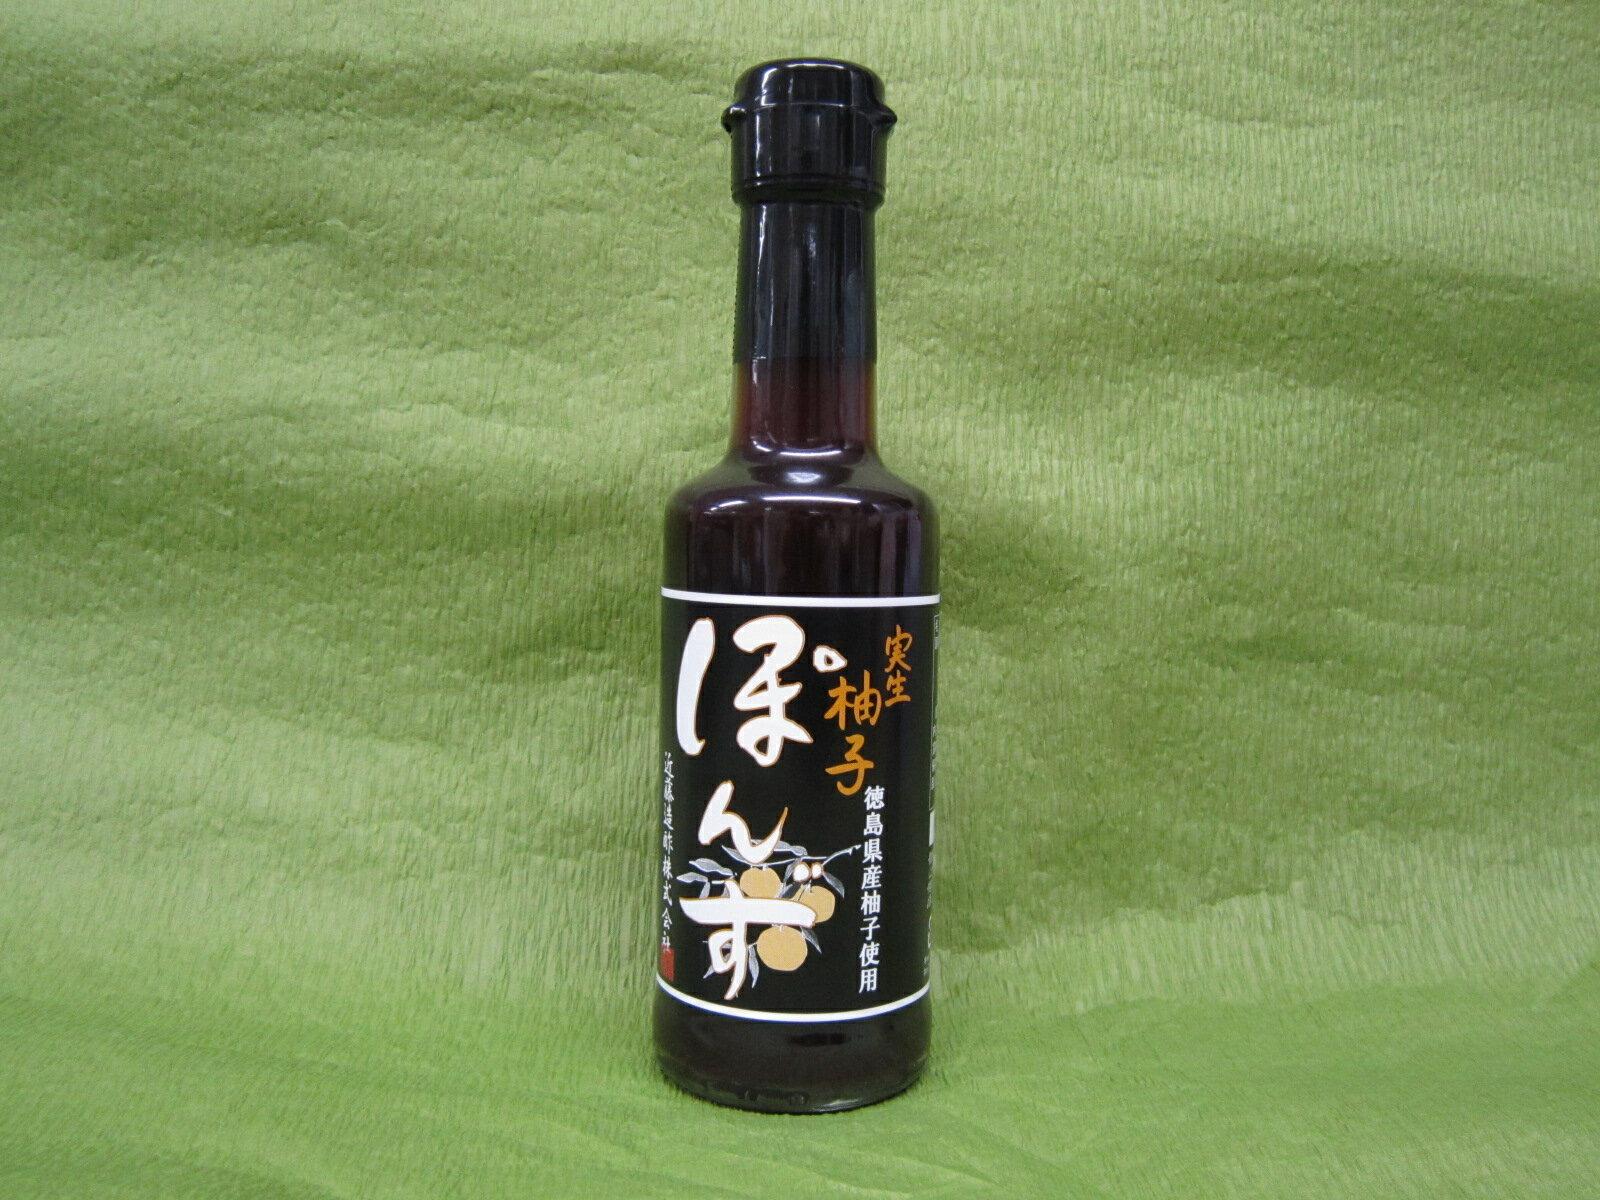 近藤造酢実生柚子ぽんず